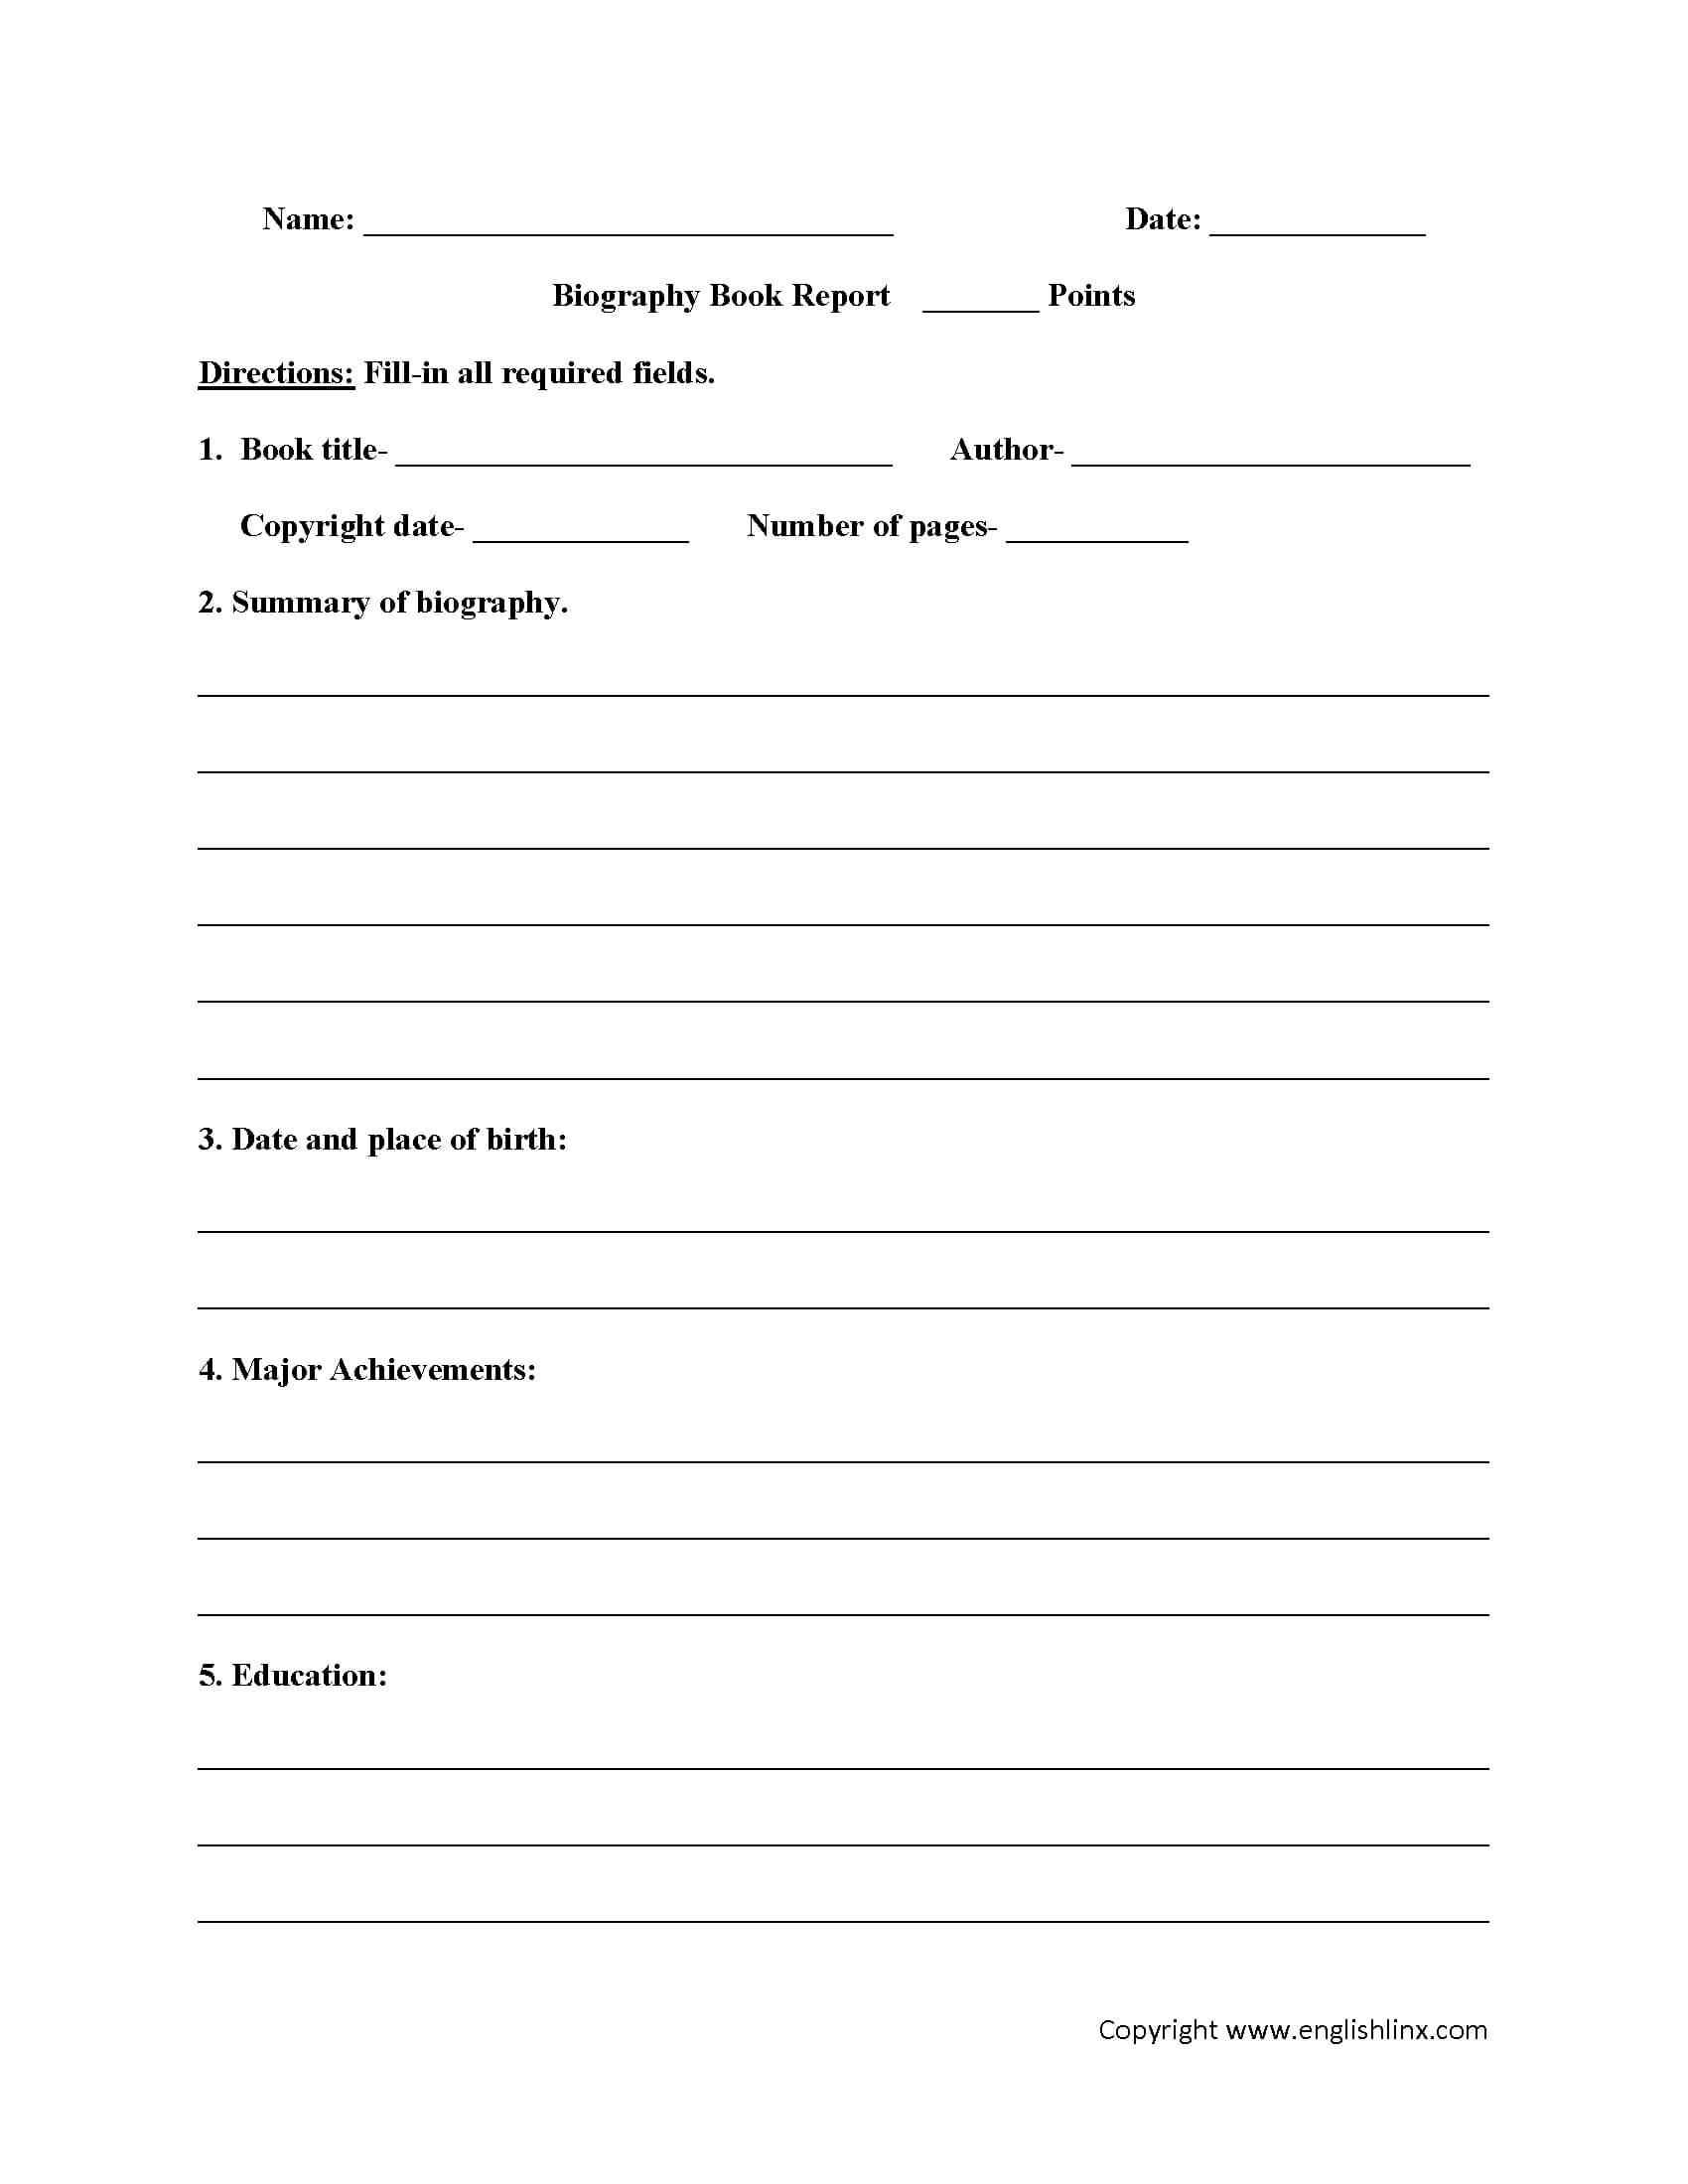 Book Report Worksheets | Biography Book Report Worksheets Throughout Biography Book Report Template